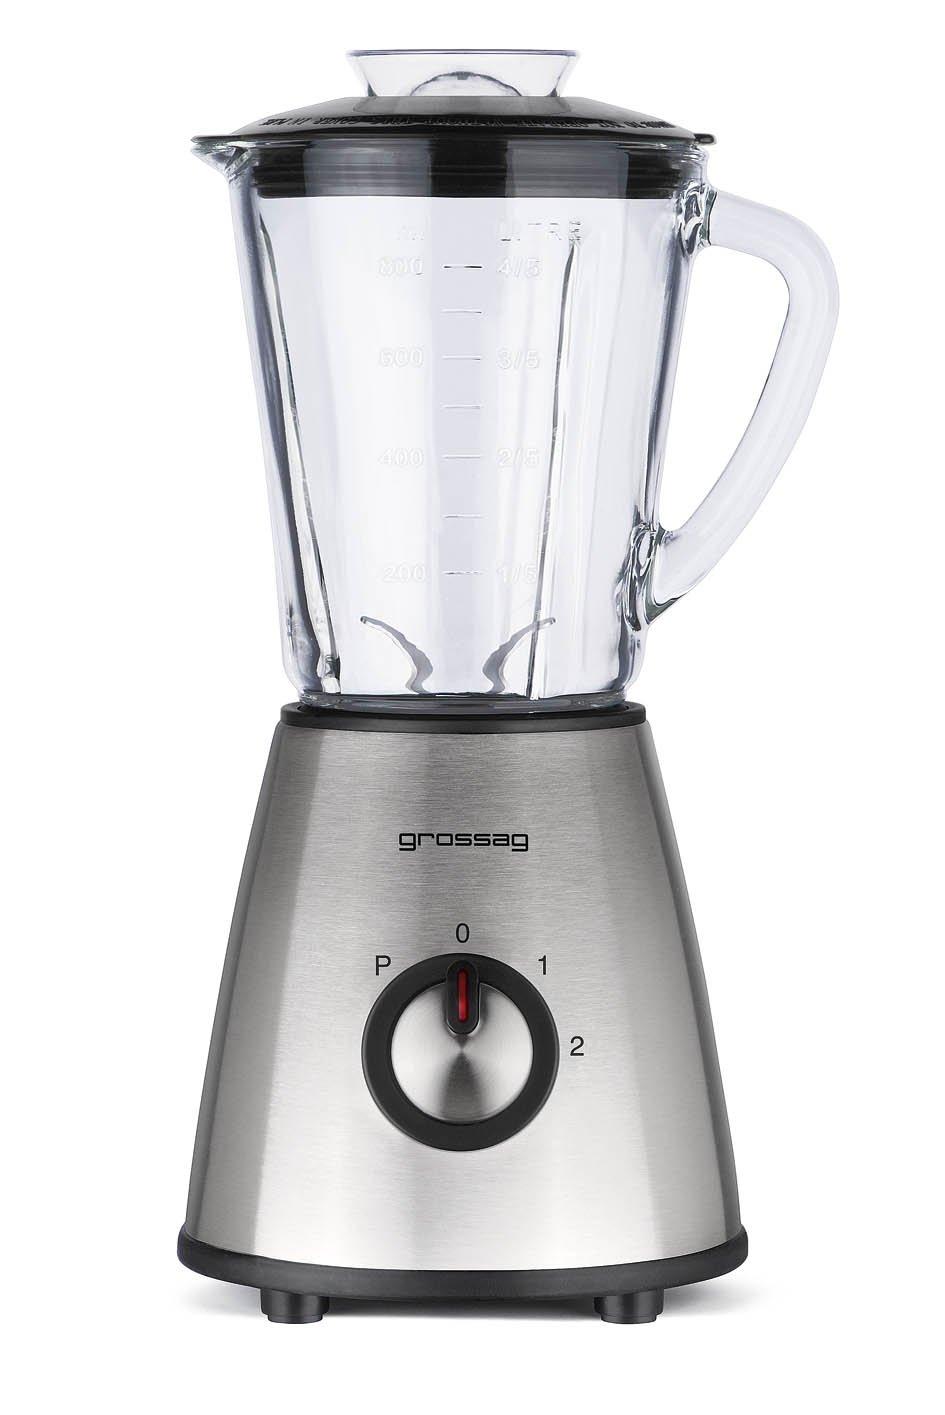 Grossag MX 14 - Licuadora con jarra de cristal (acero inoxidable ...